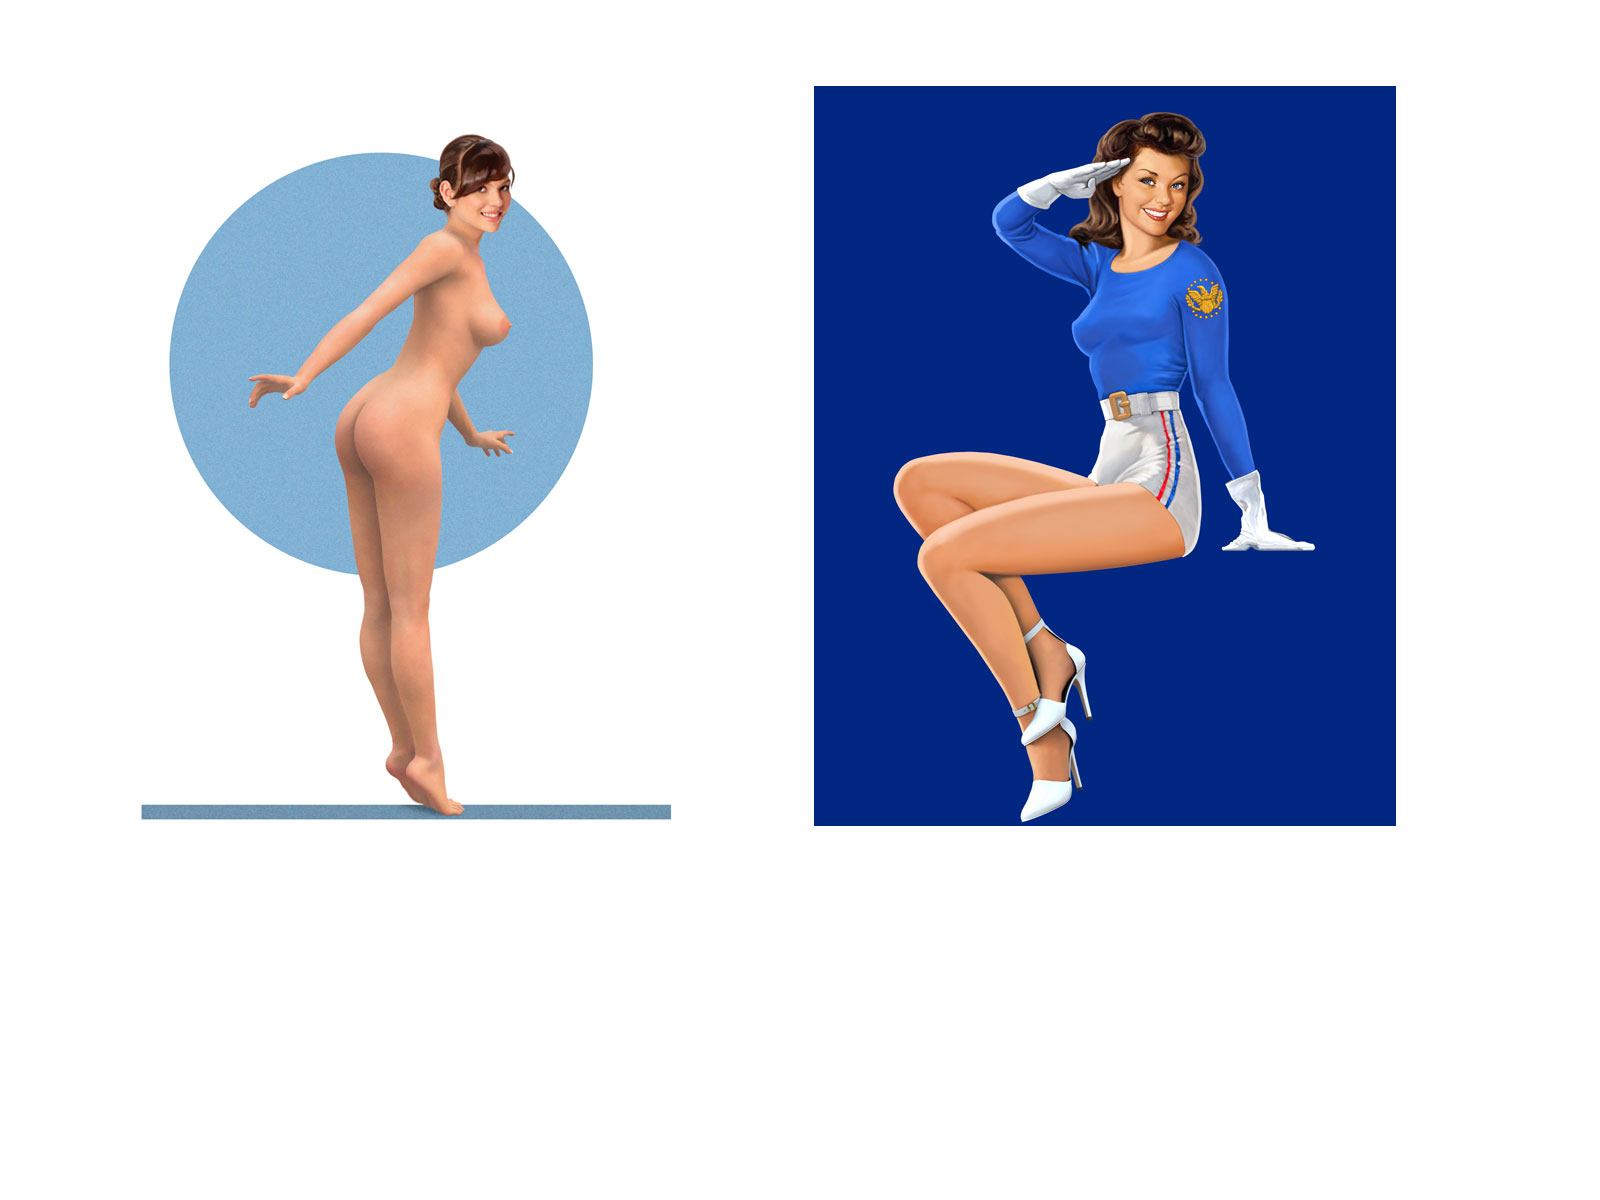 LAVERDET3DMarcel-Illustrations-PIN-UP-4684